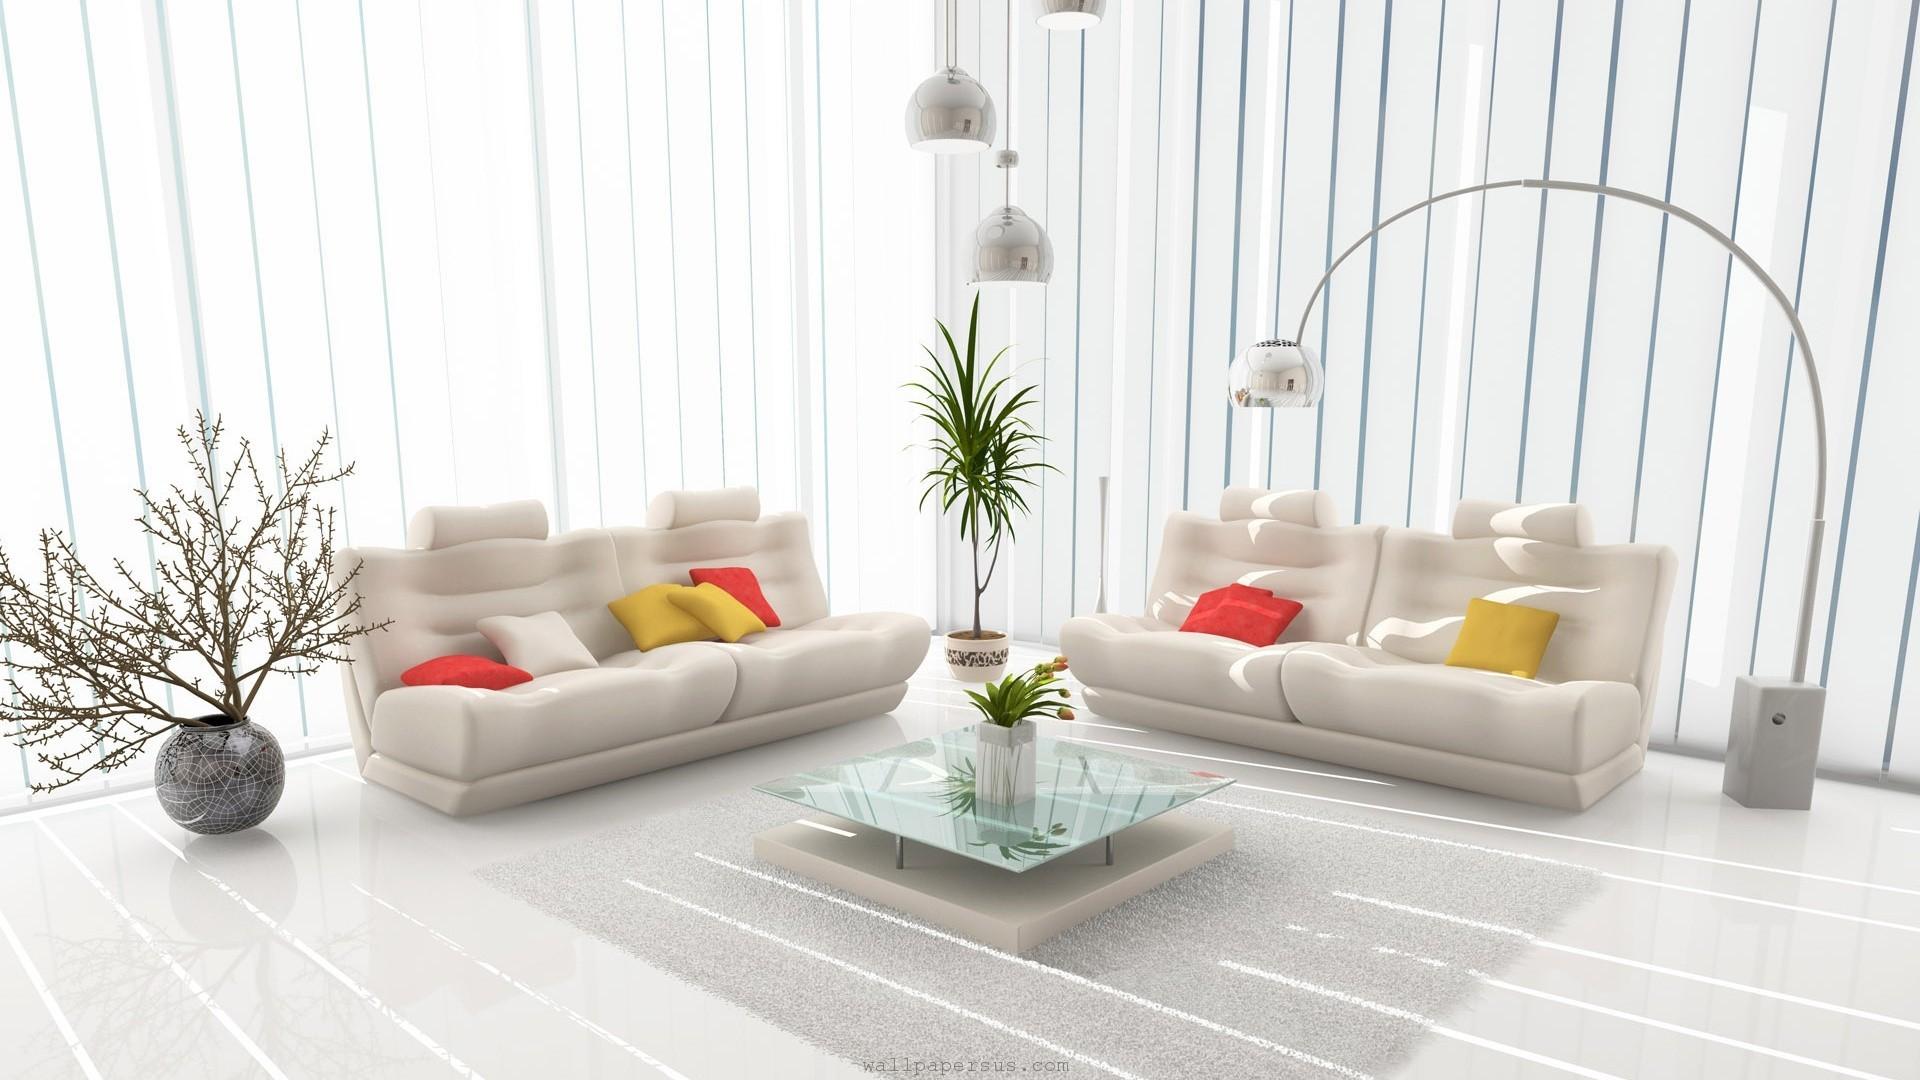 Amenajarea livingului cu flori amenajari interioare for Beautiful bedroom design hd images